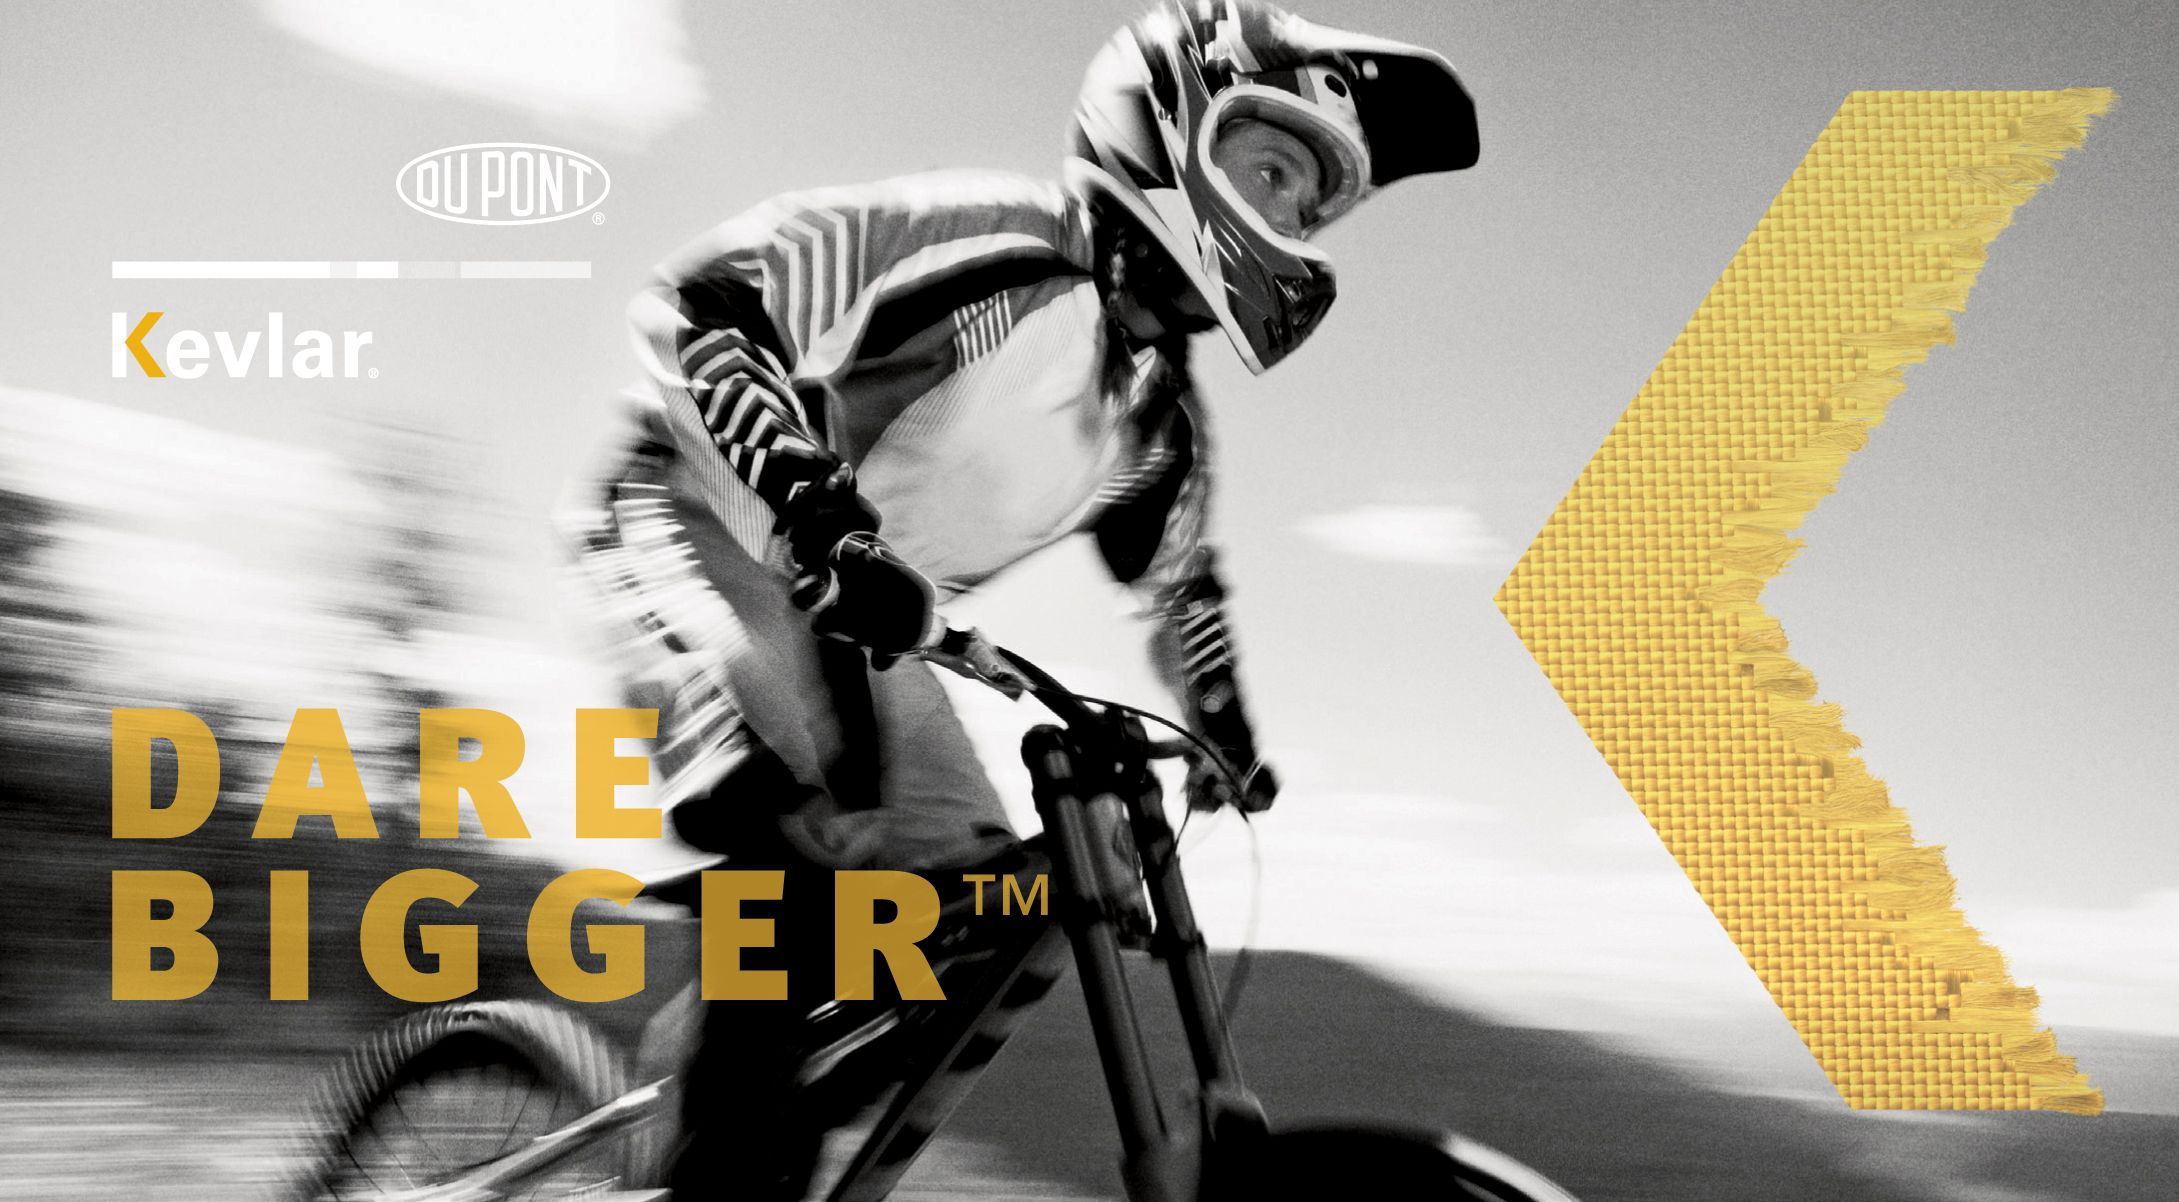 乐天堂体育投注™ Kevlar® 品牌芳族聚酰胺纤维帮助拯救生命,加固装备